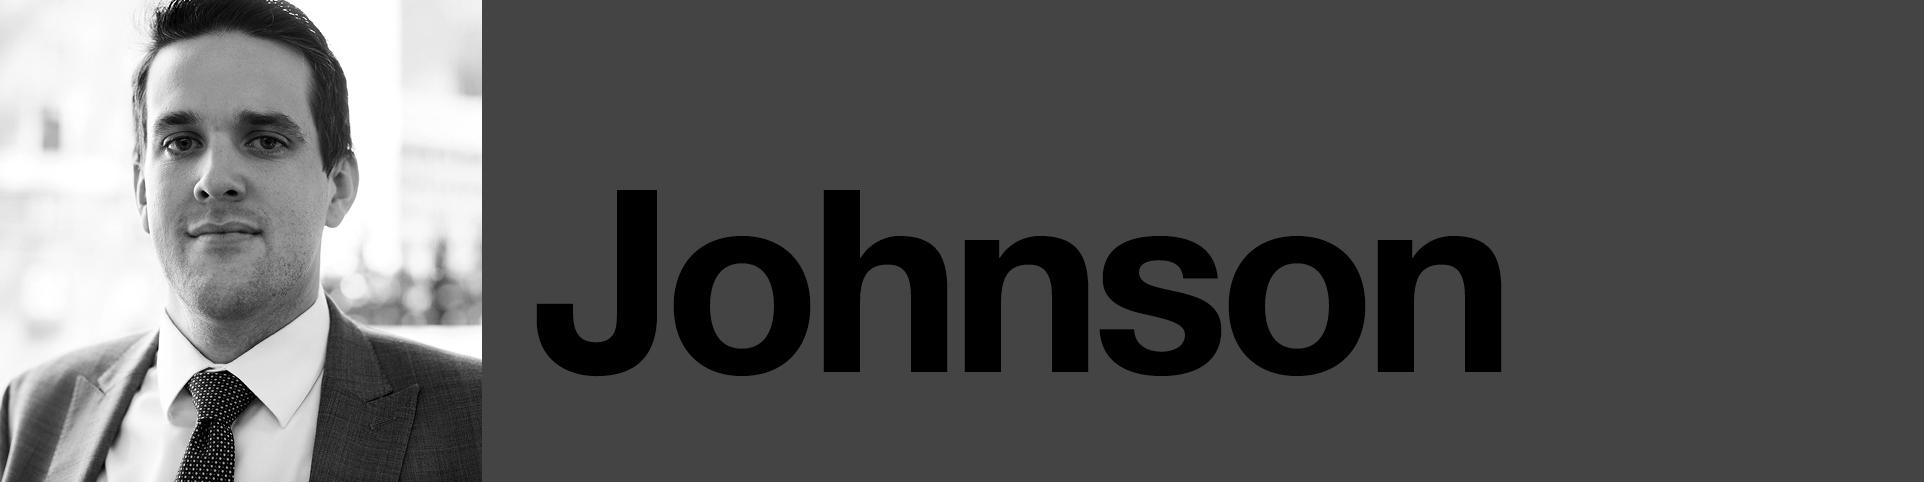 banner-name-johnson.jpg